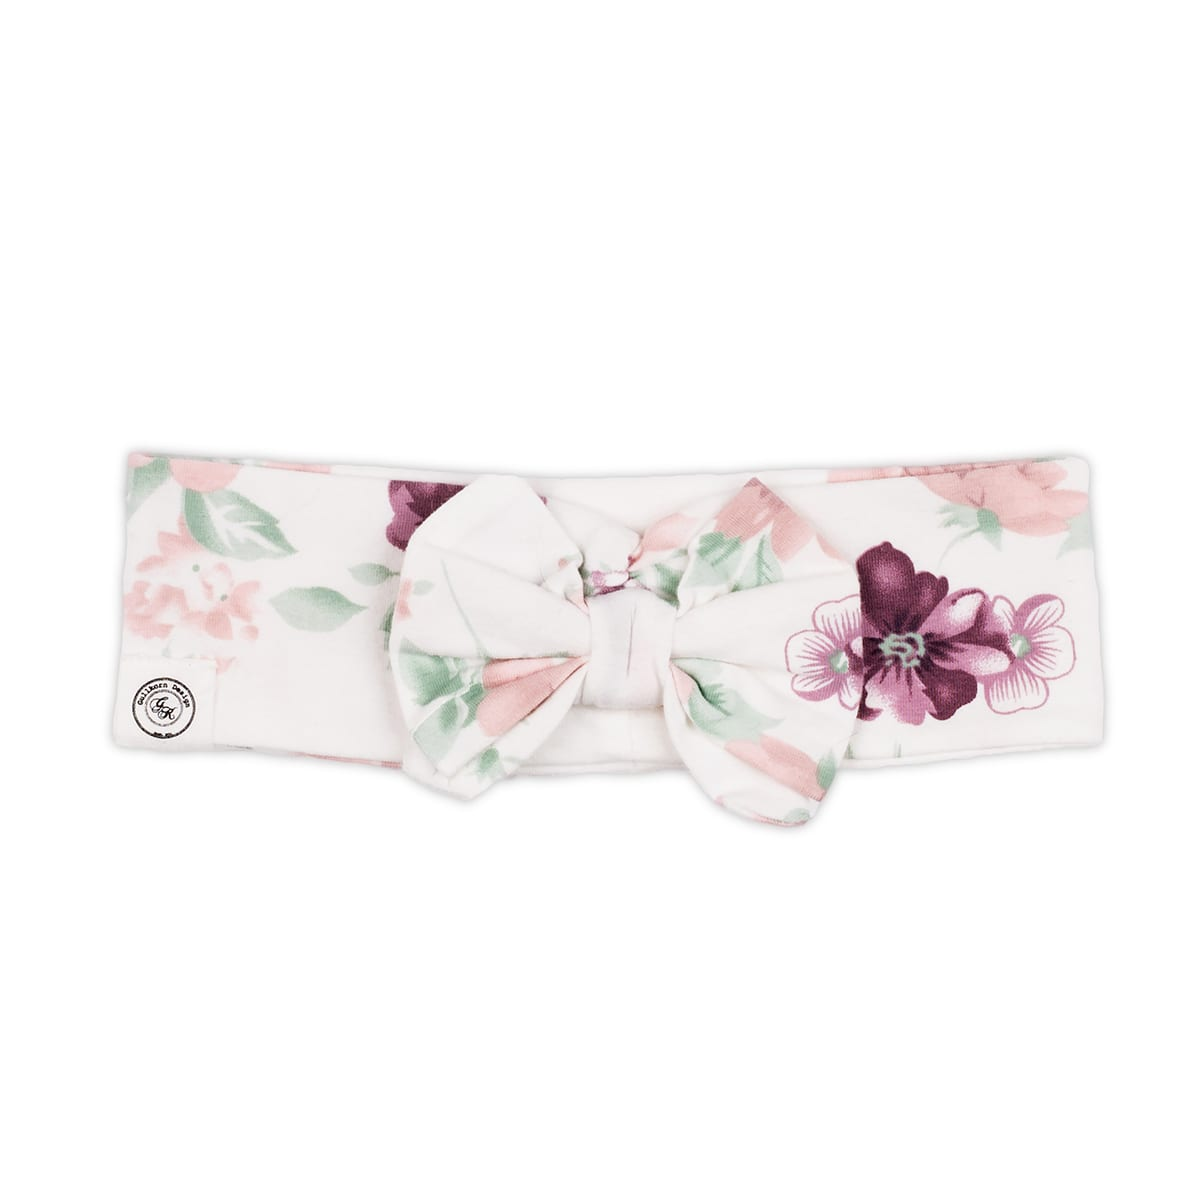 280714a5 Gullkorn Design HERMINE hårbånd - blomster print - Minirein ...